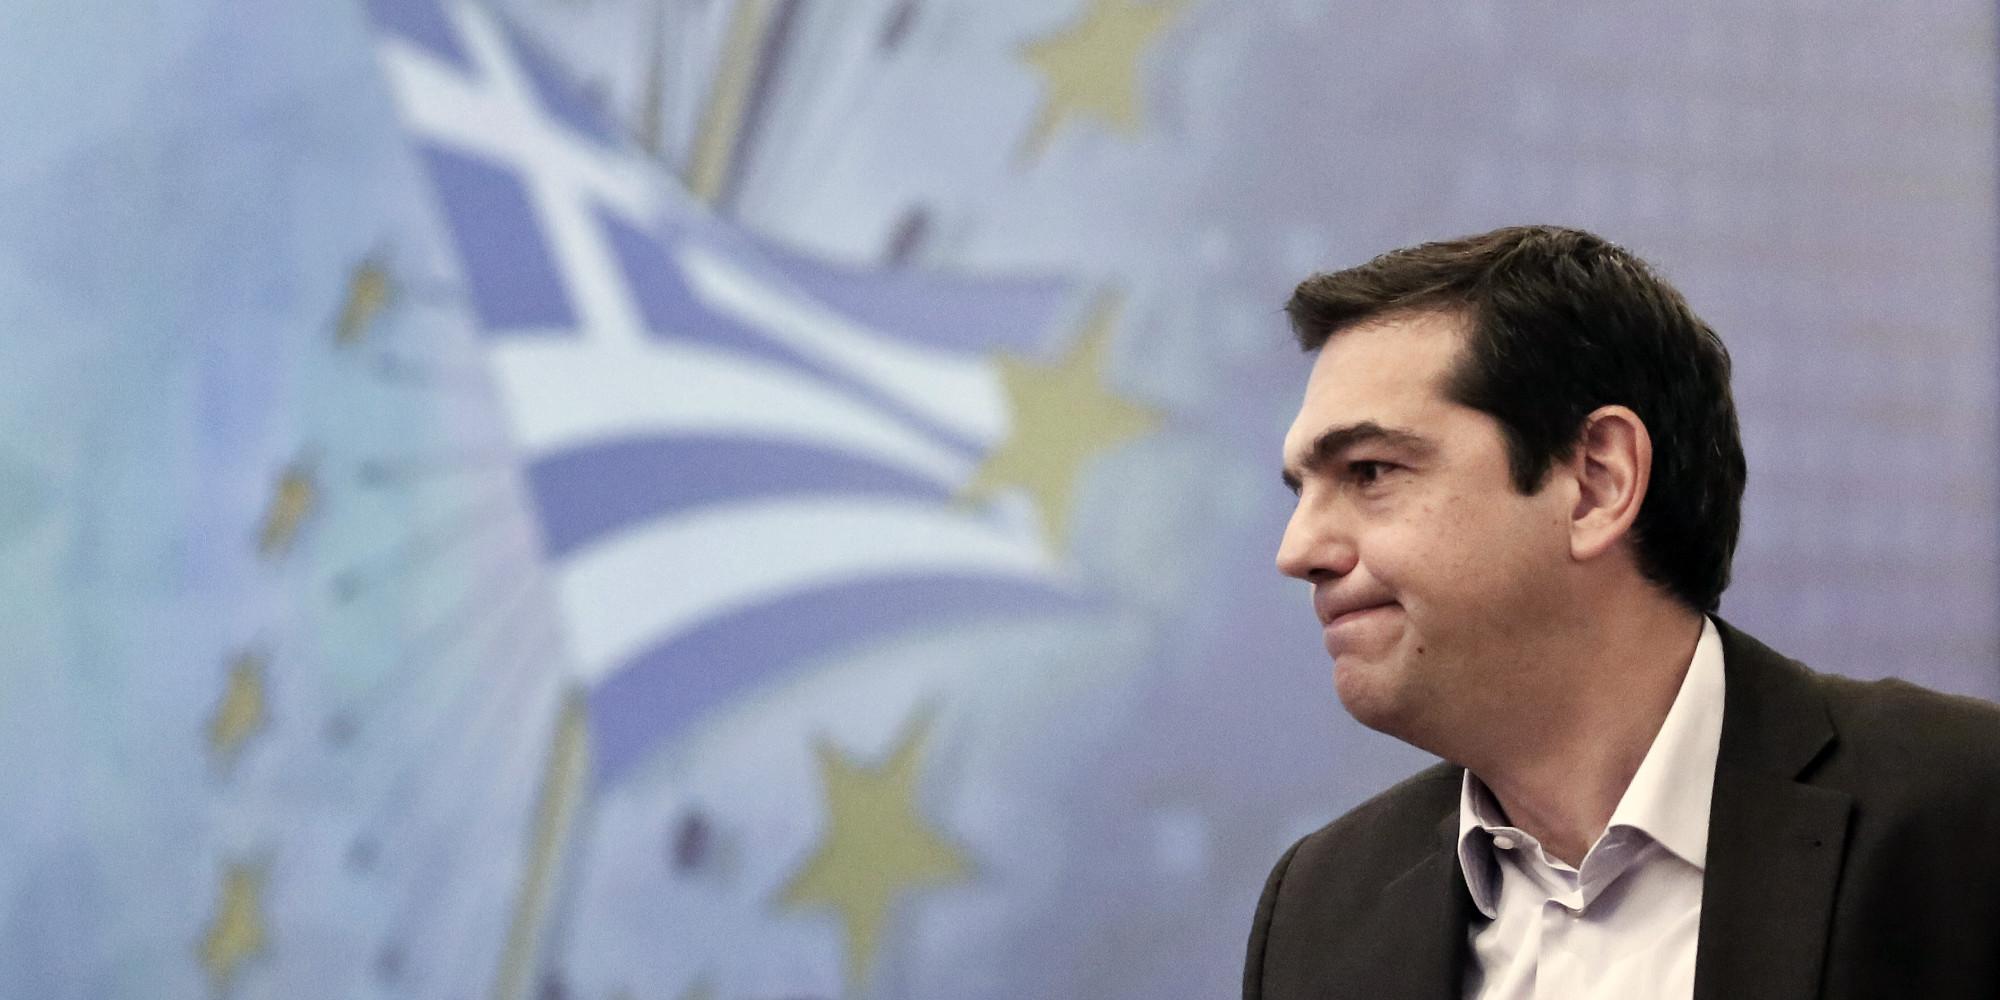 Se espera que el grupo parlamentario de Syriza apruebe los ajustes propuestos por Alexis Tsipras, para que estas medidas de austeridad logren convencer al Eurogrupo